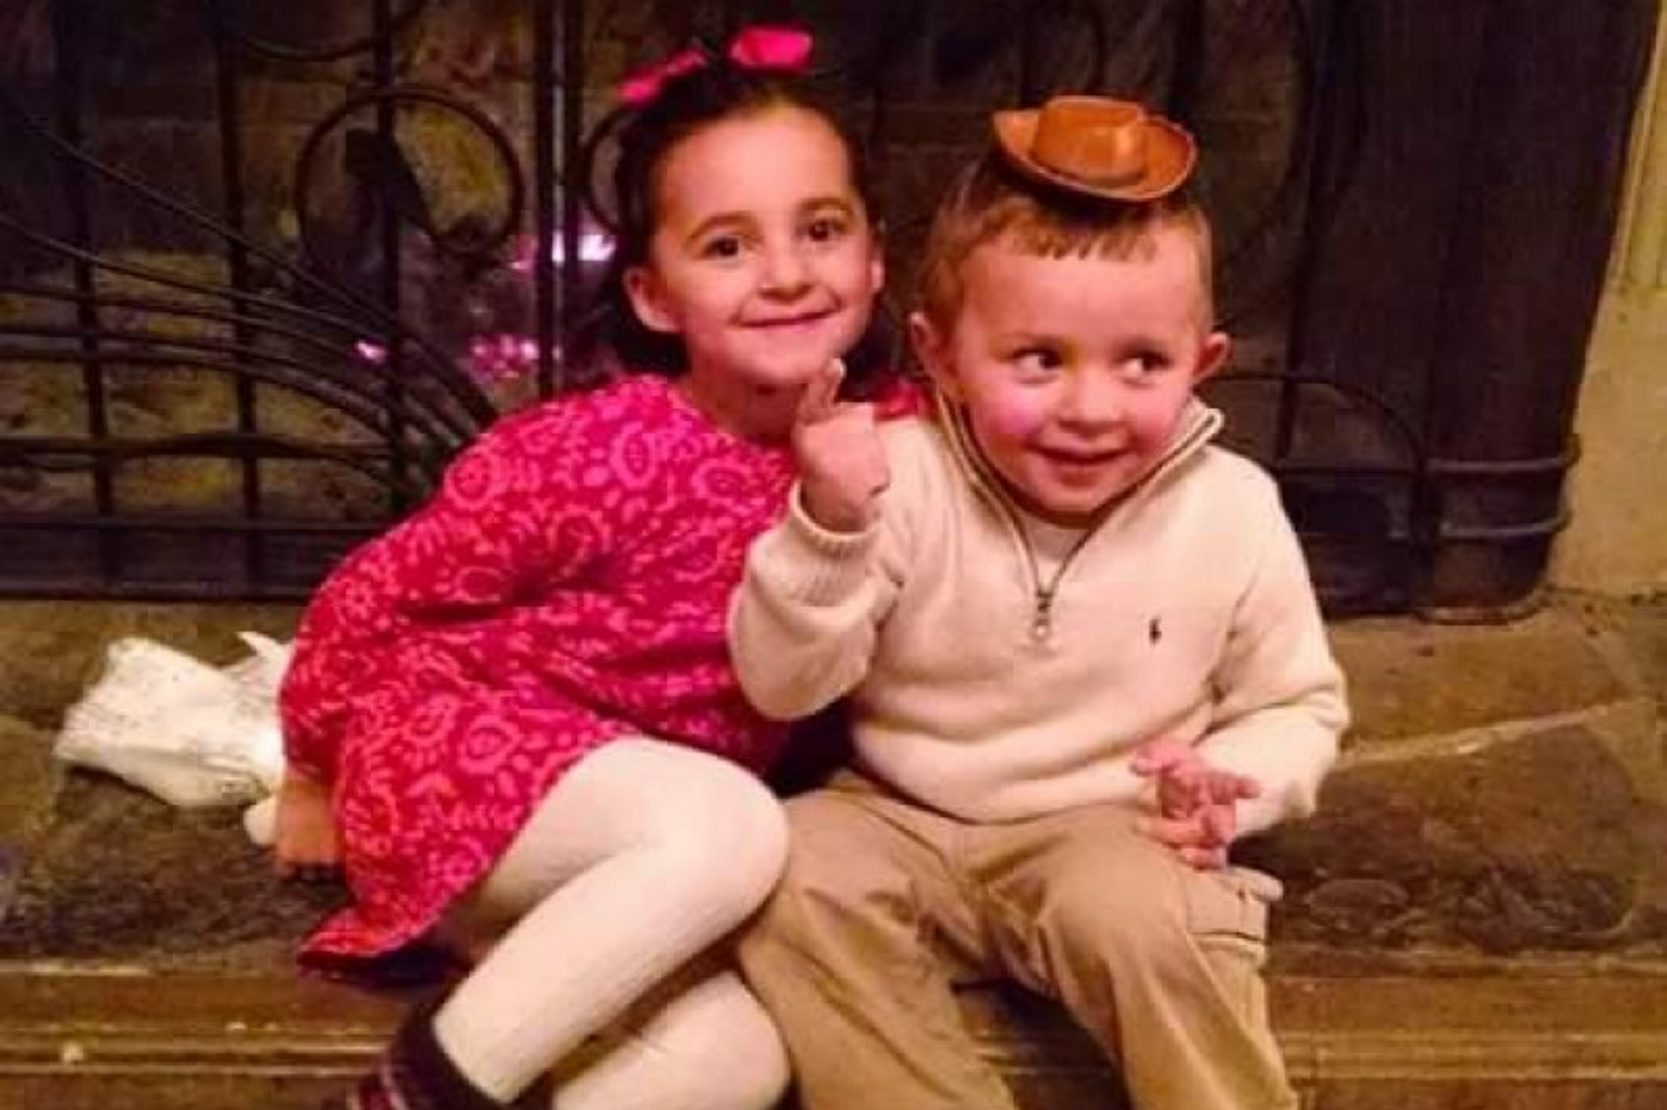 Stephanie Sugorovskiy and little brother Maksym.